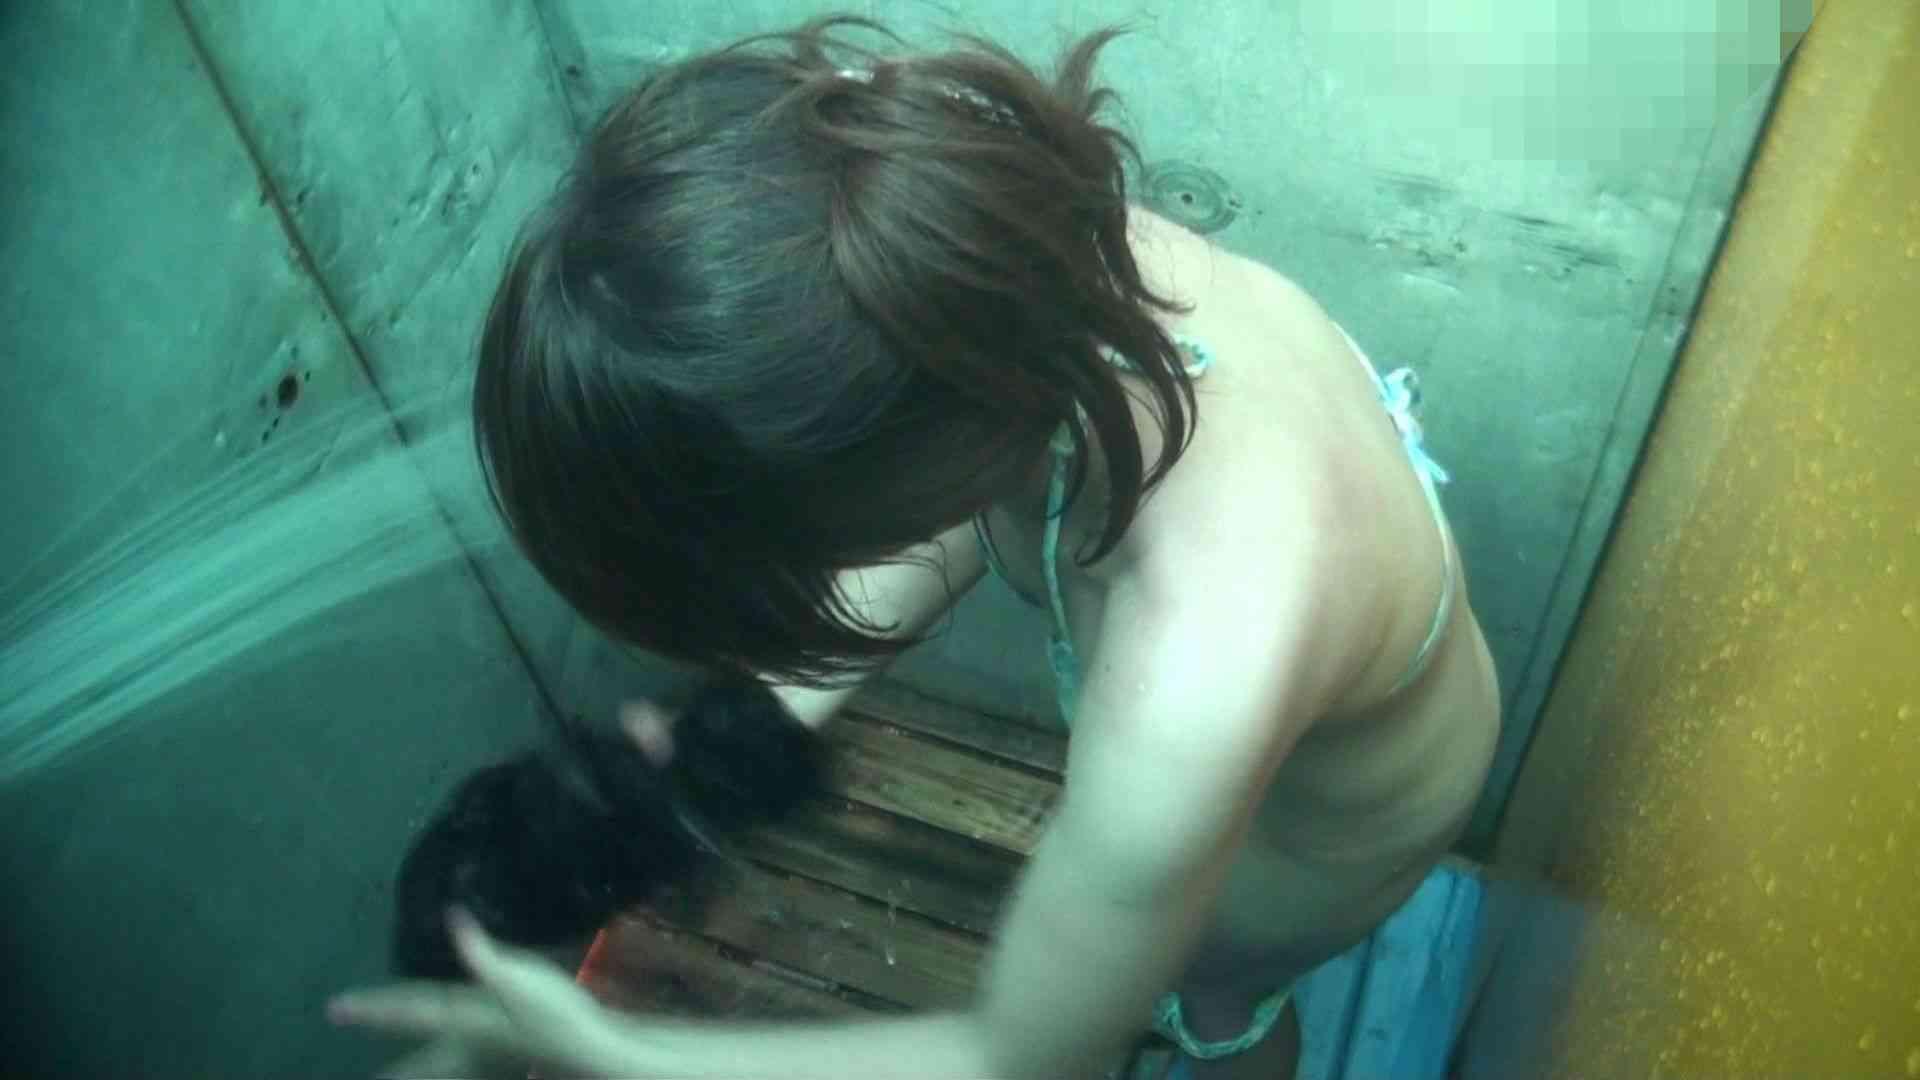 シャワールームは超!!危険な香りVol.15 残念ですが乳首未確認 マンコの砂は入念に